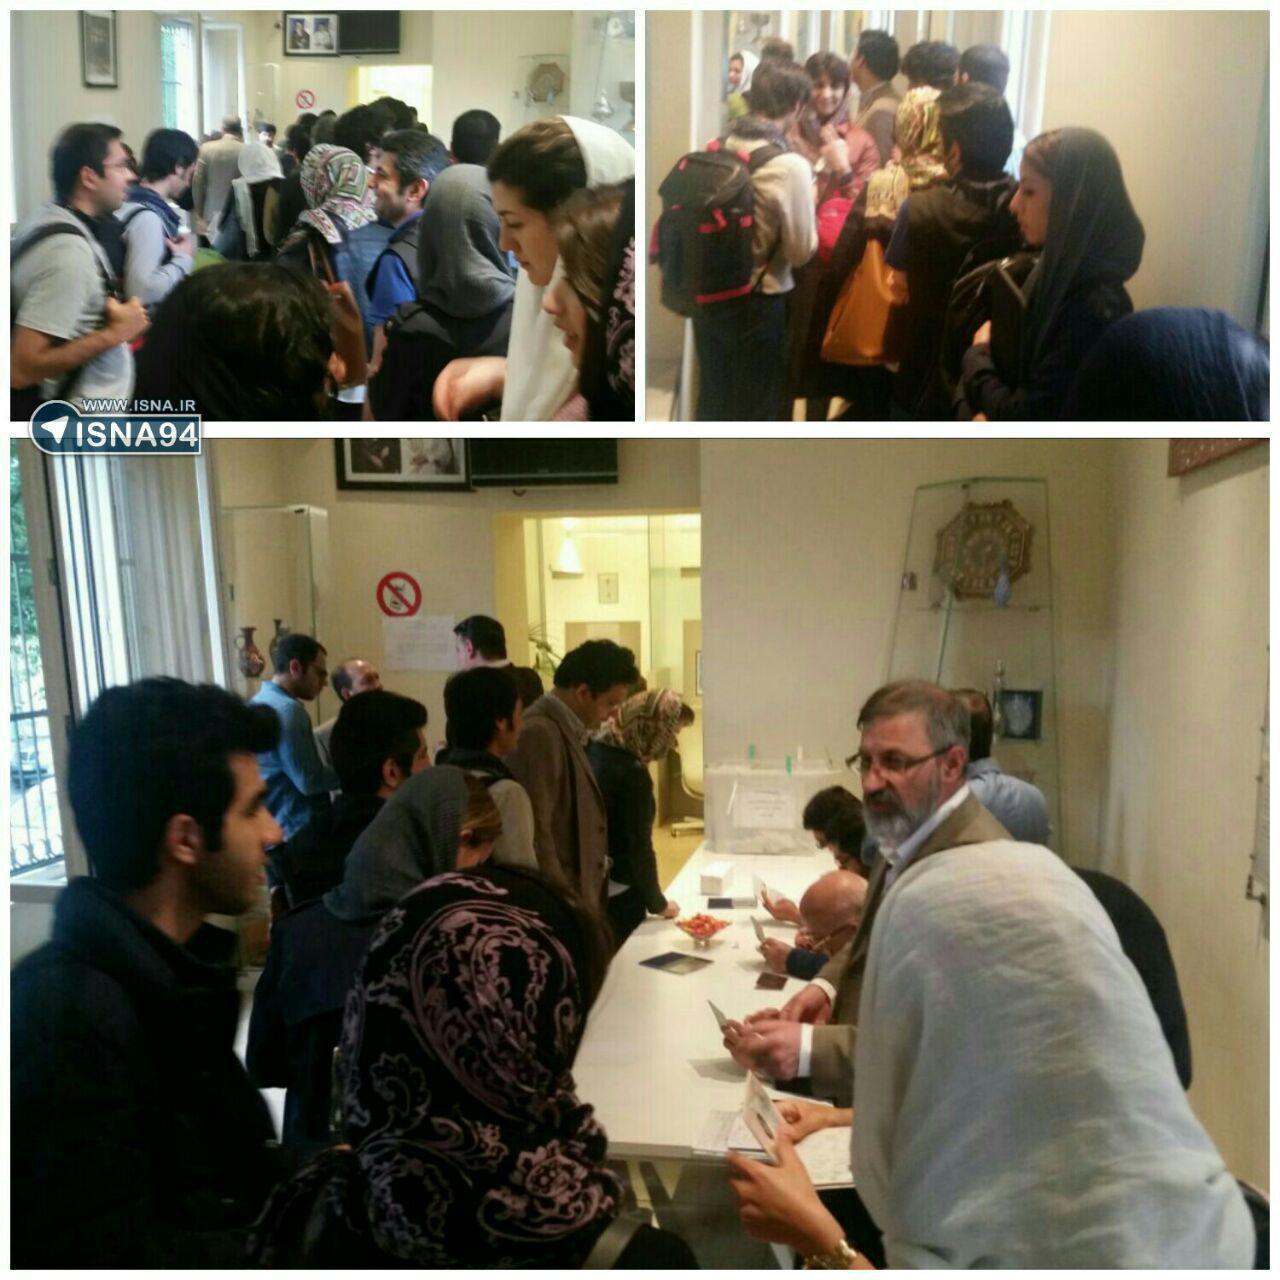 شعبه اخذ رای در میلان ایتالیا در هوایی بارانی